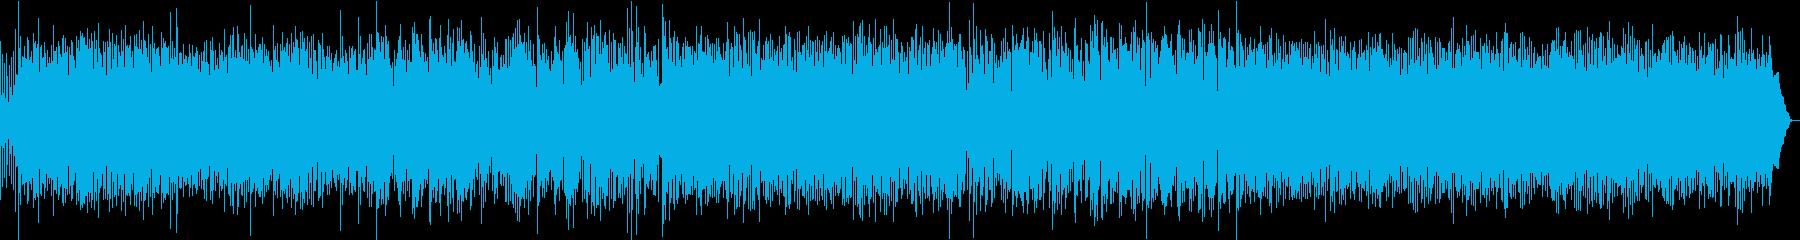 生演奏・ブルーグラス・店舗イベントBGMの再生済みの波形